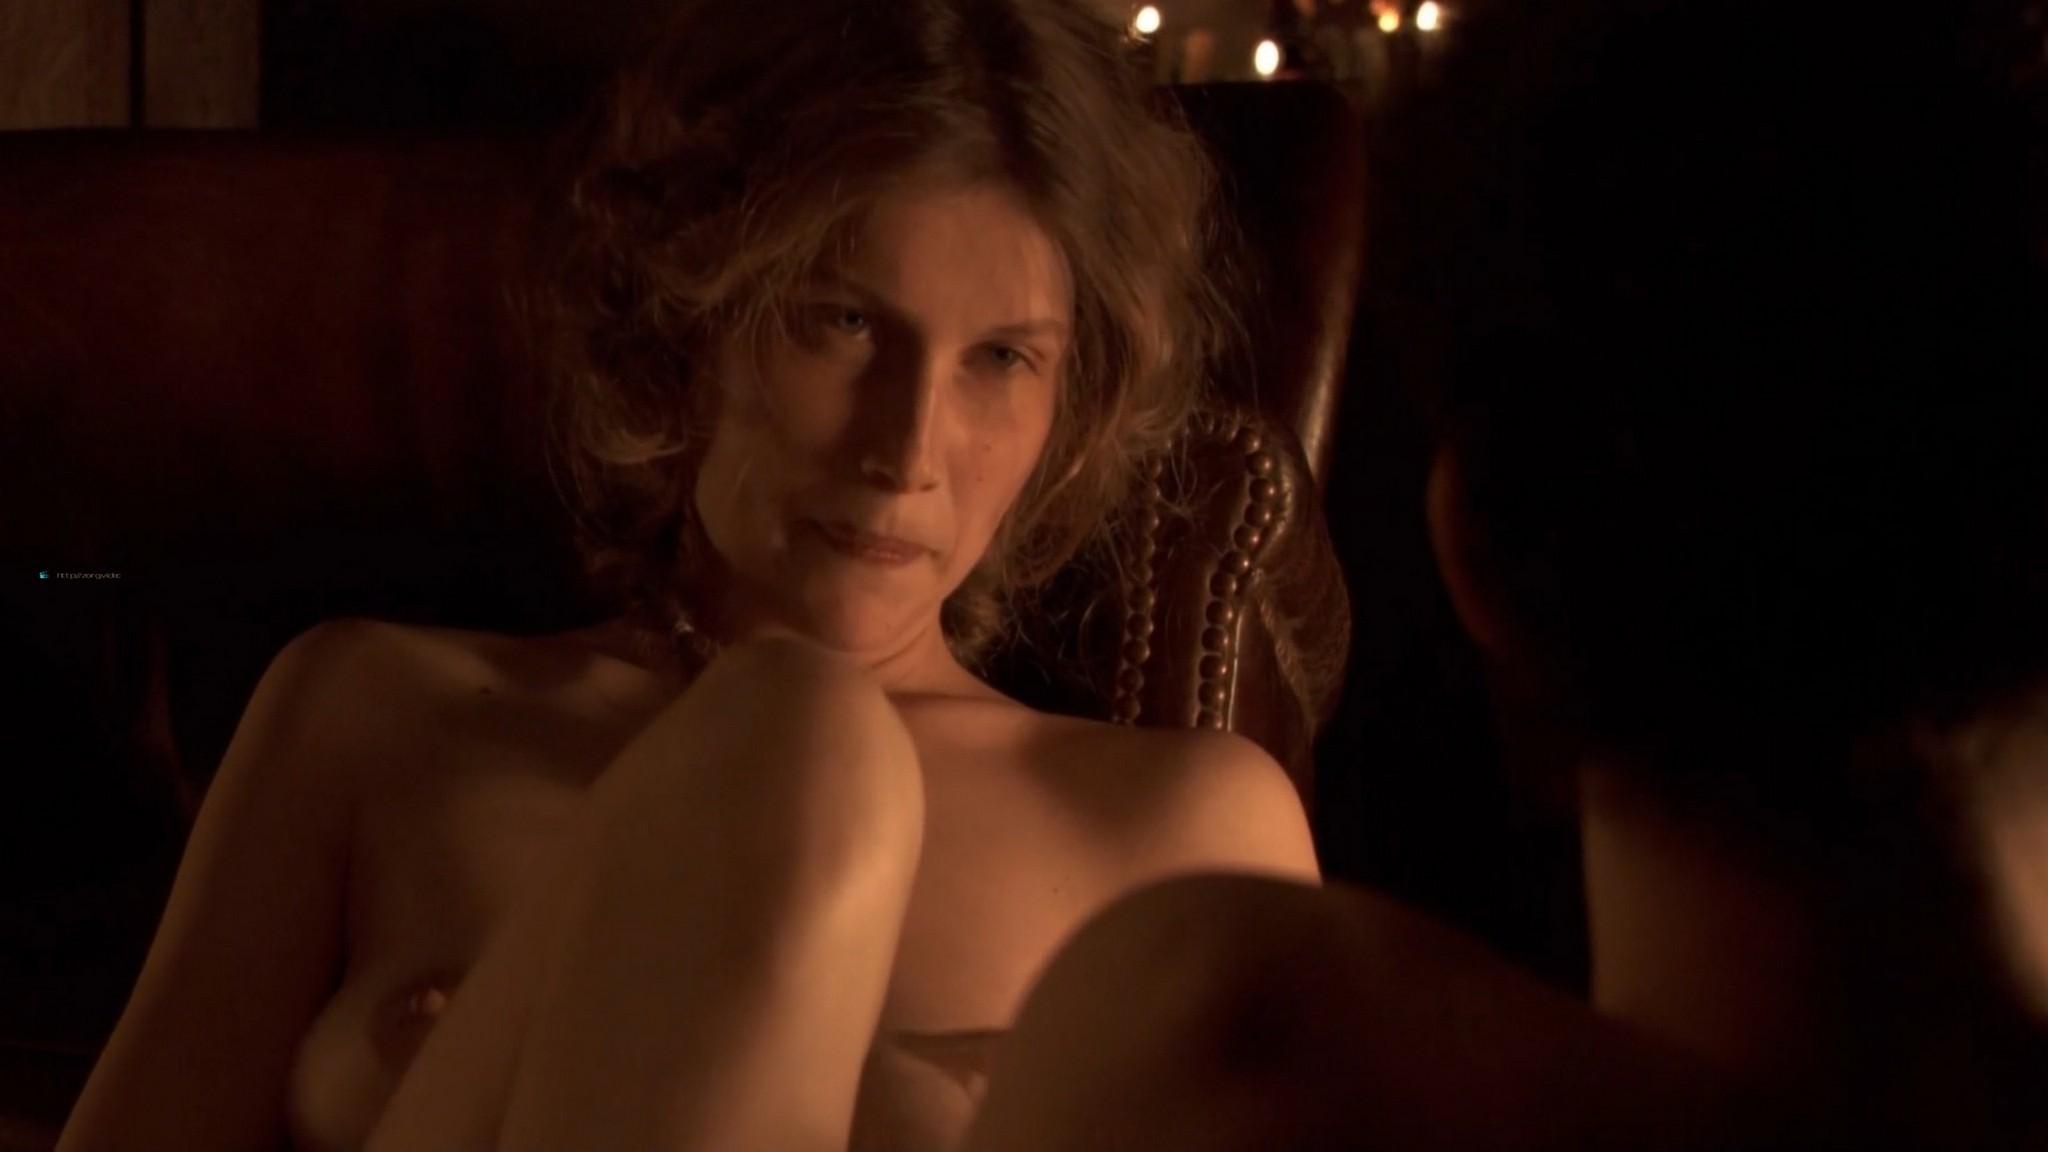 Laetitia Casta nude butt naked topless and hot sex - Nés en 68 (2008) HD 1080p (5)